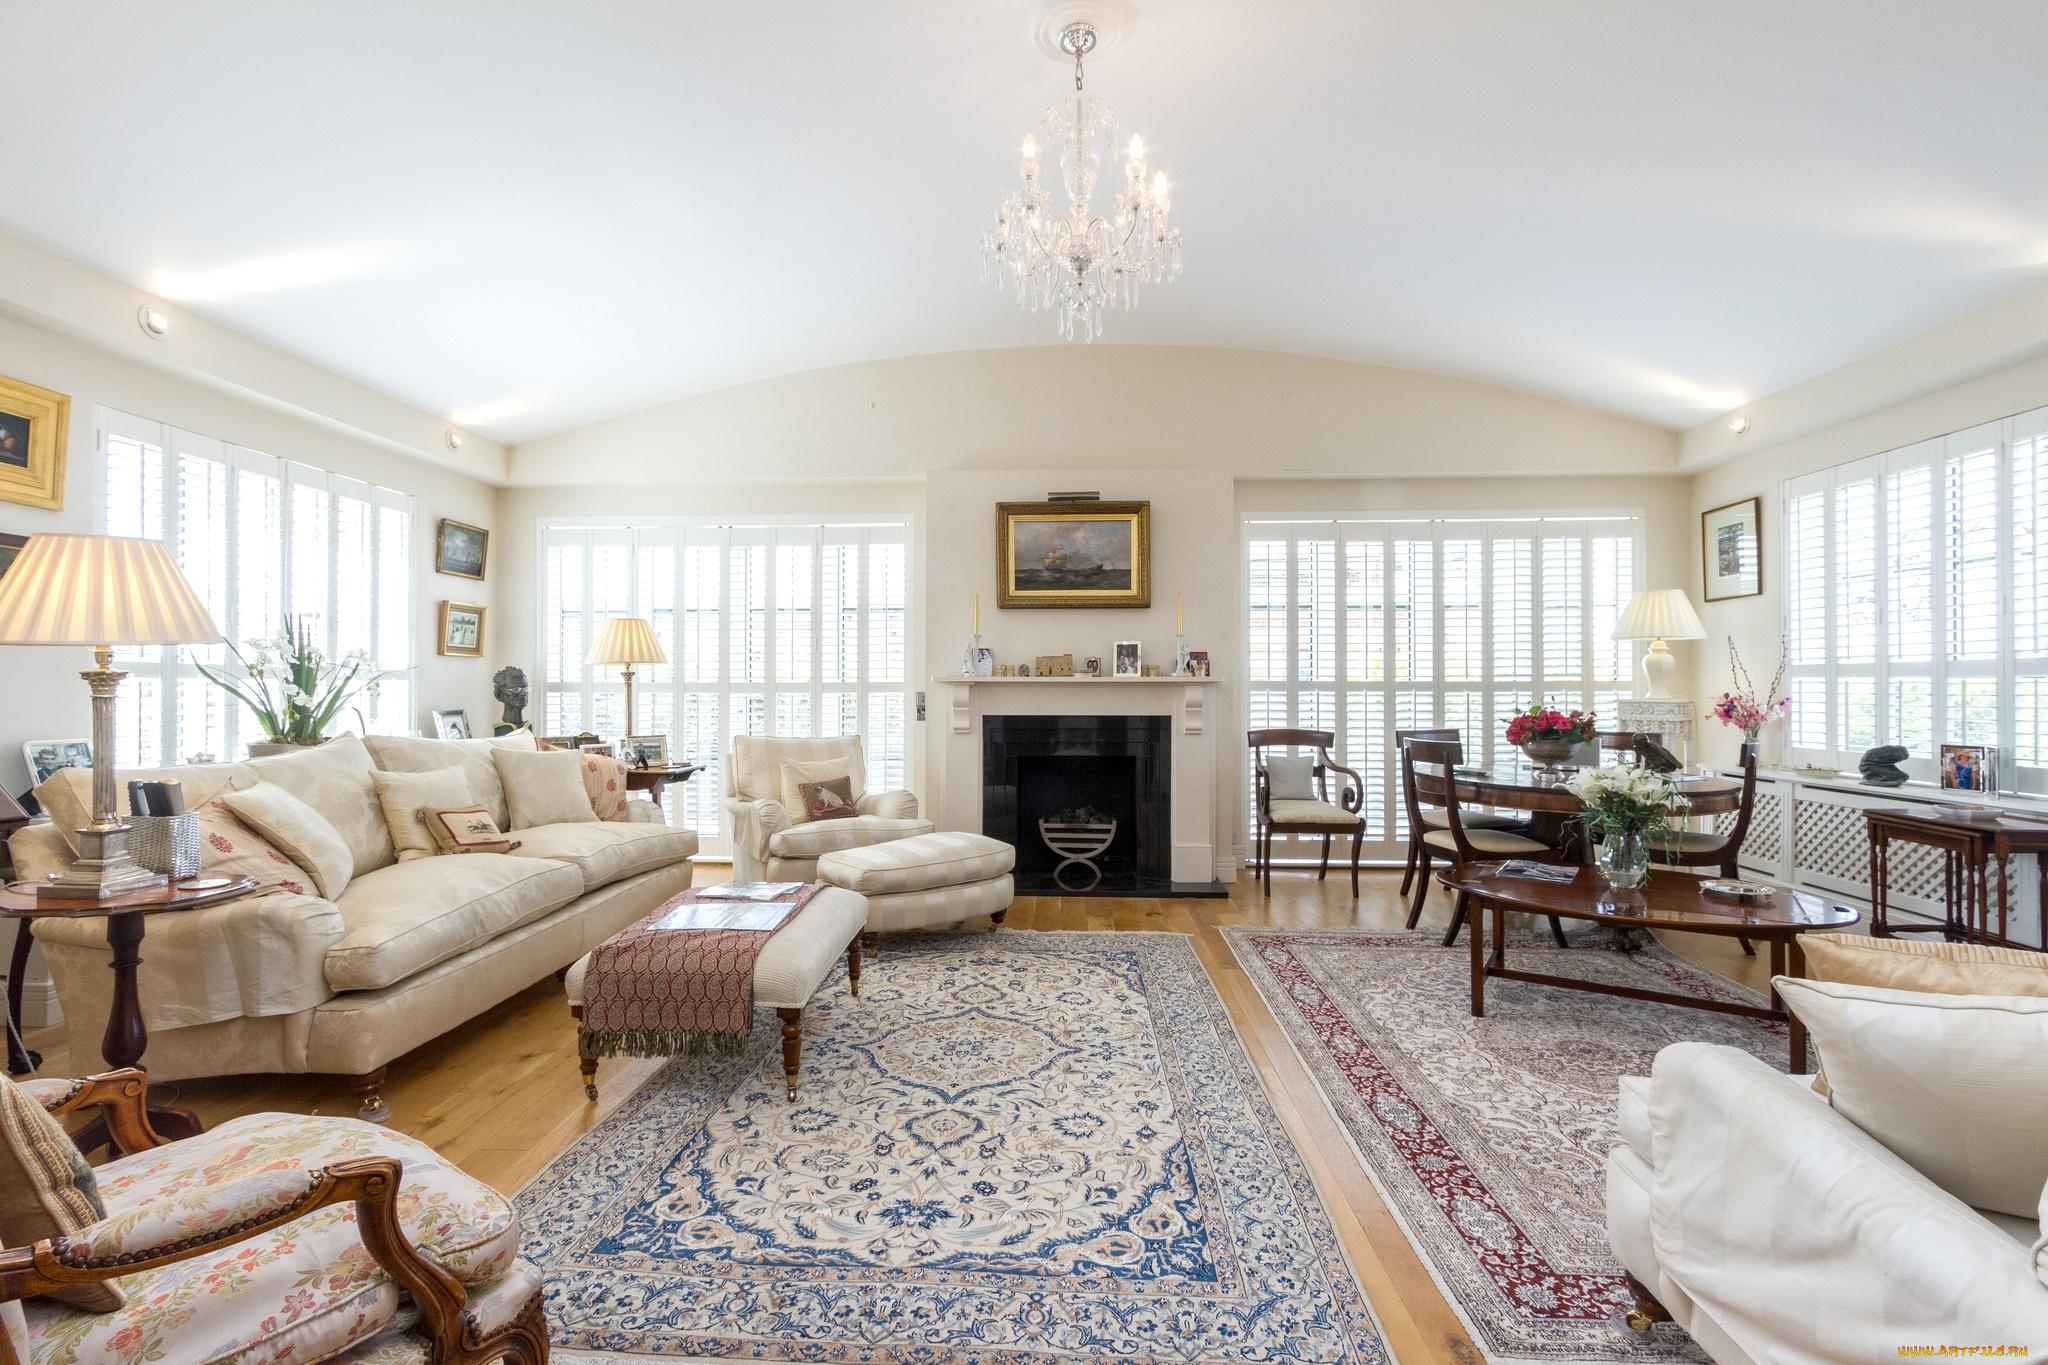 интерьер светлый камин диван ковер interior light fireplace sofa carpet скачать